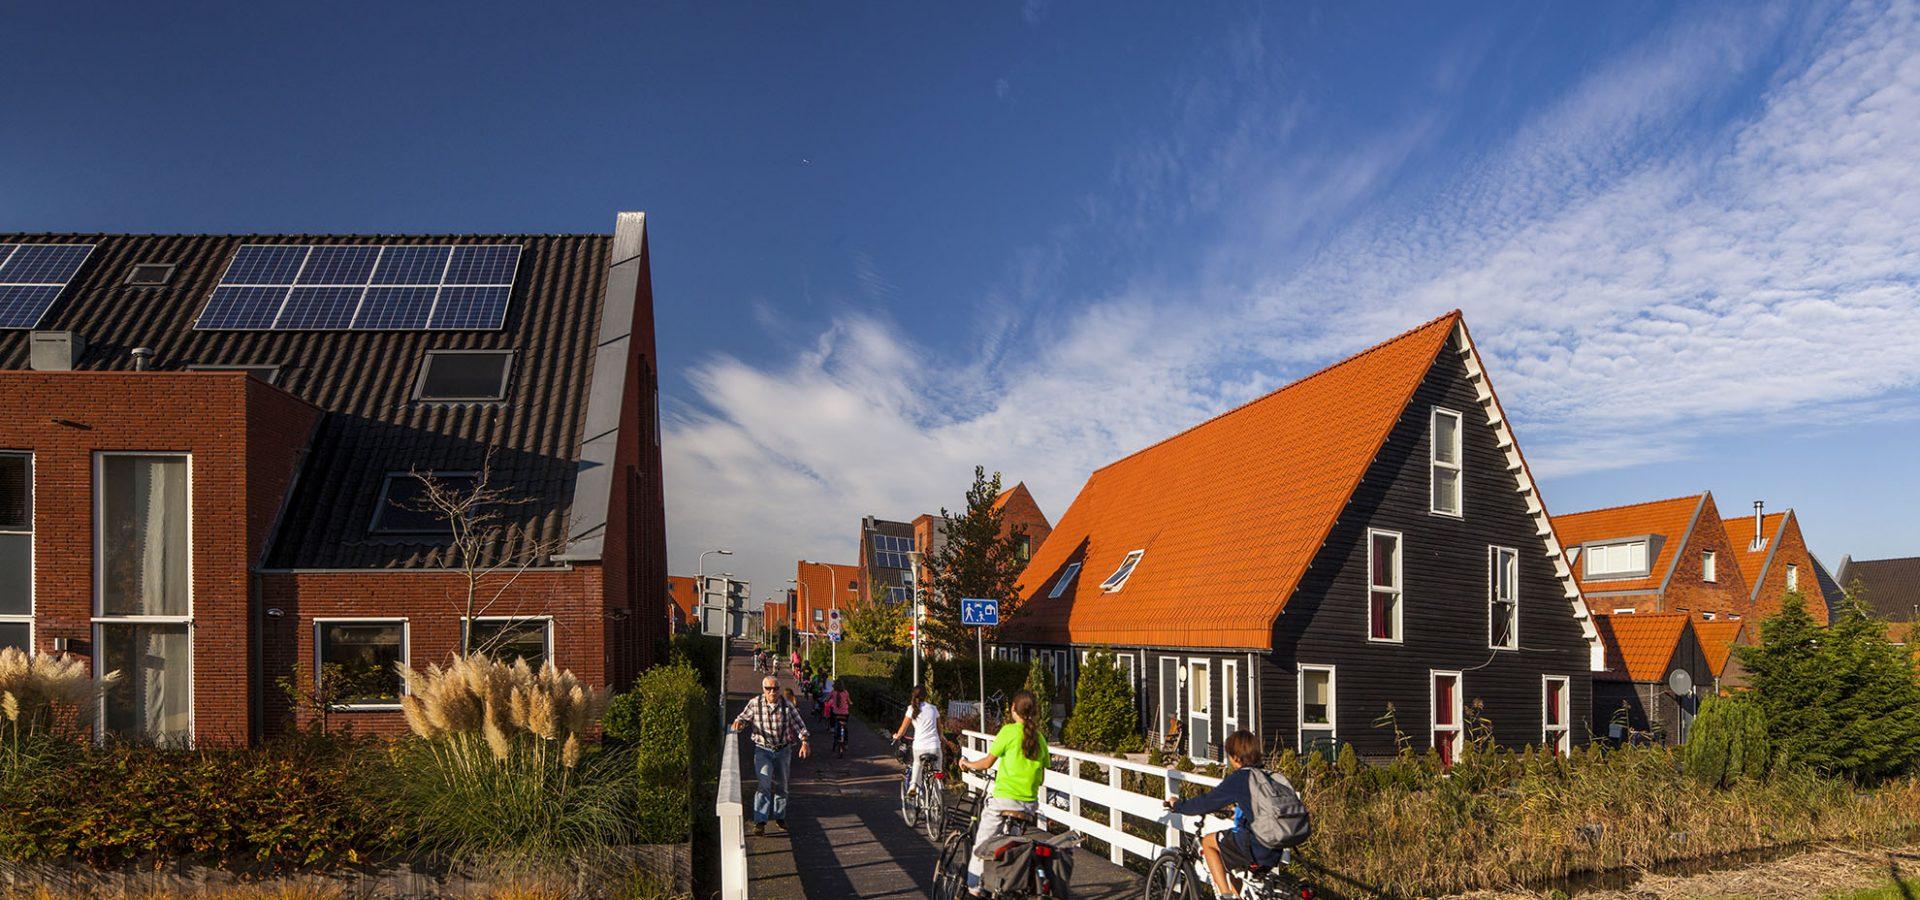 FARO architecten Ypenburg Biesland Den Haag 02